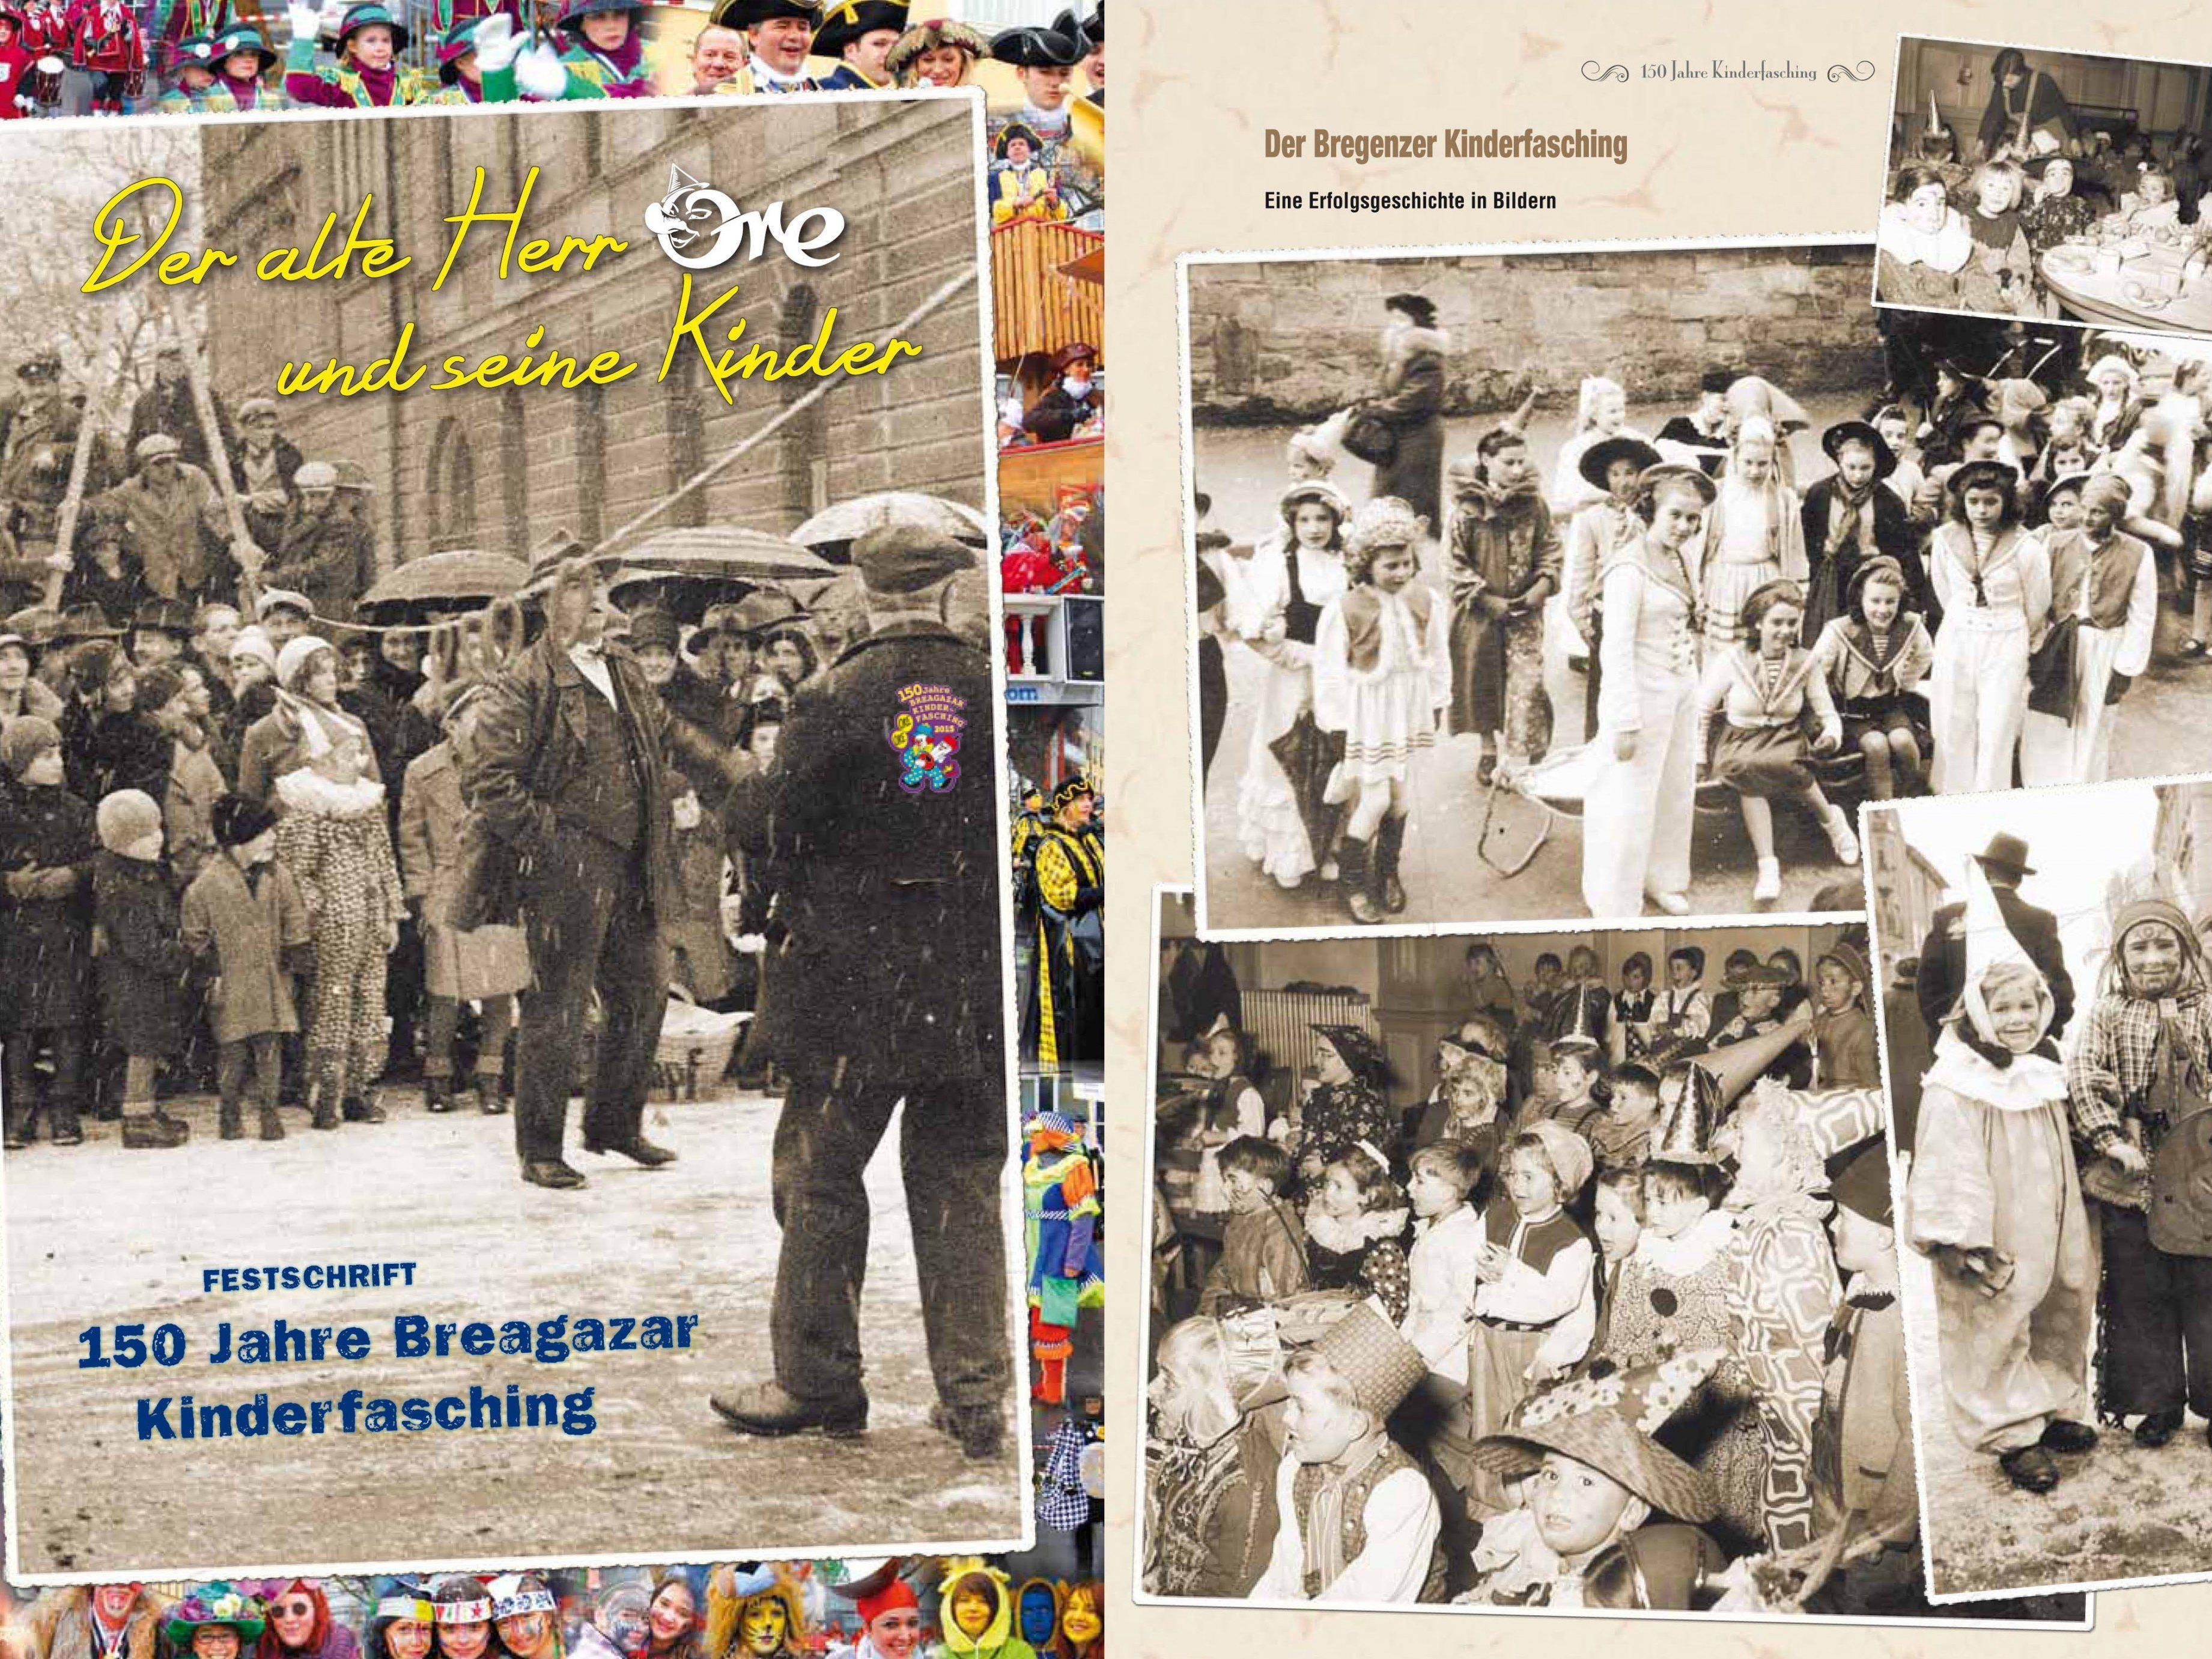 Zum  150-jährigen Jubiläum legte der Ore-Ore-Verein eine Festschrift auf.